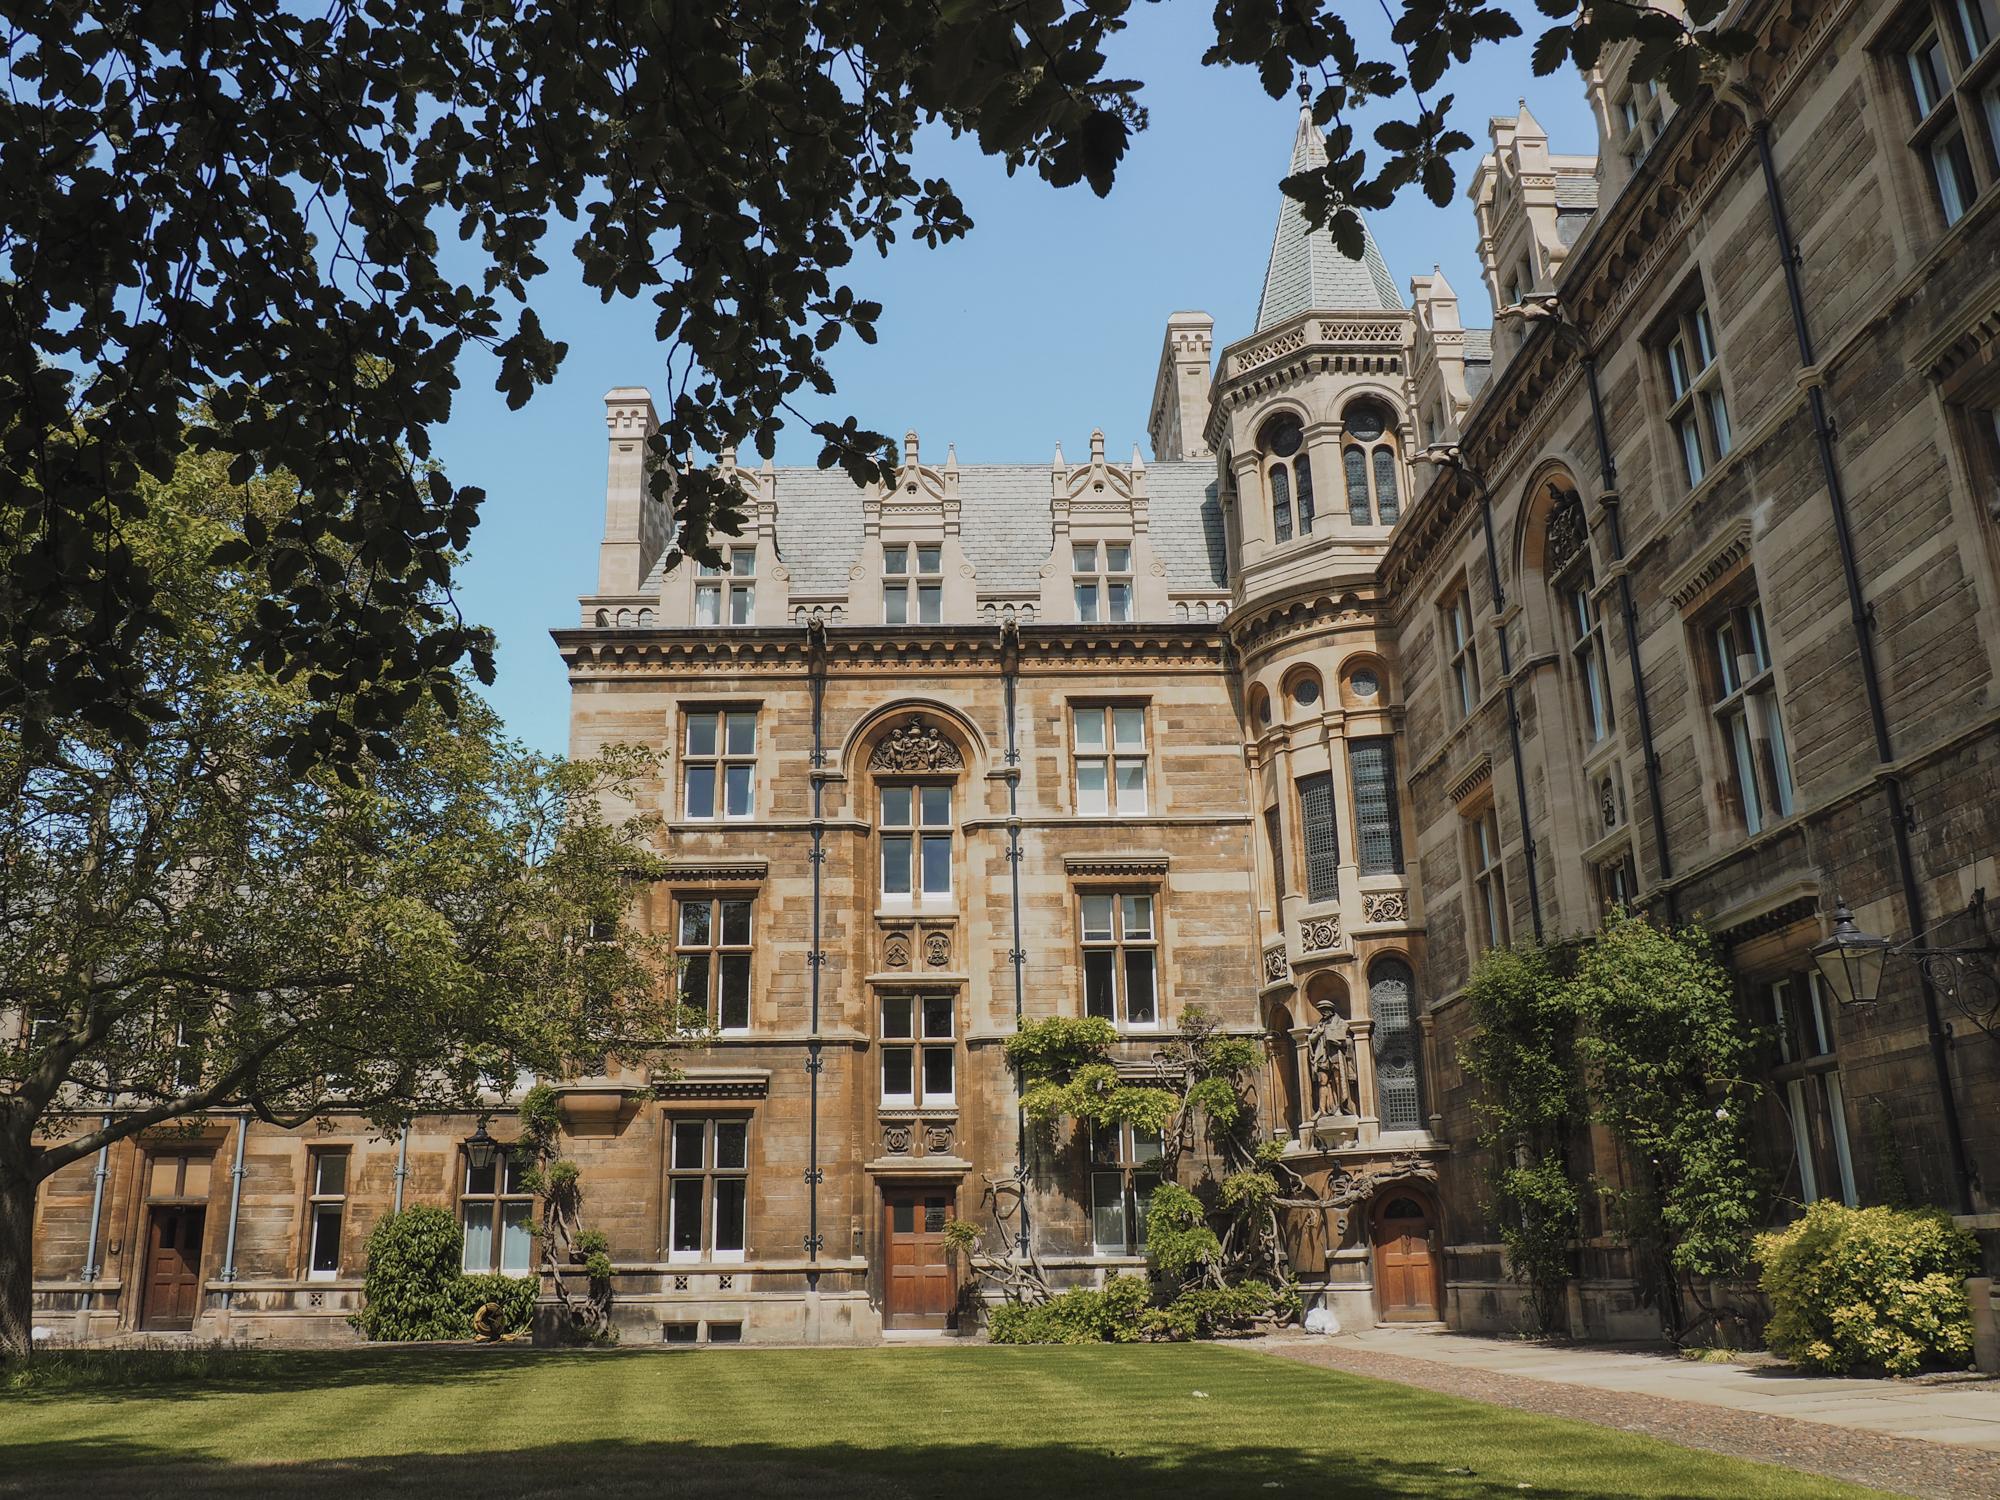 Gonville & Caius College Cambridge